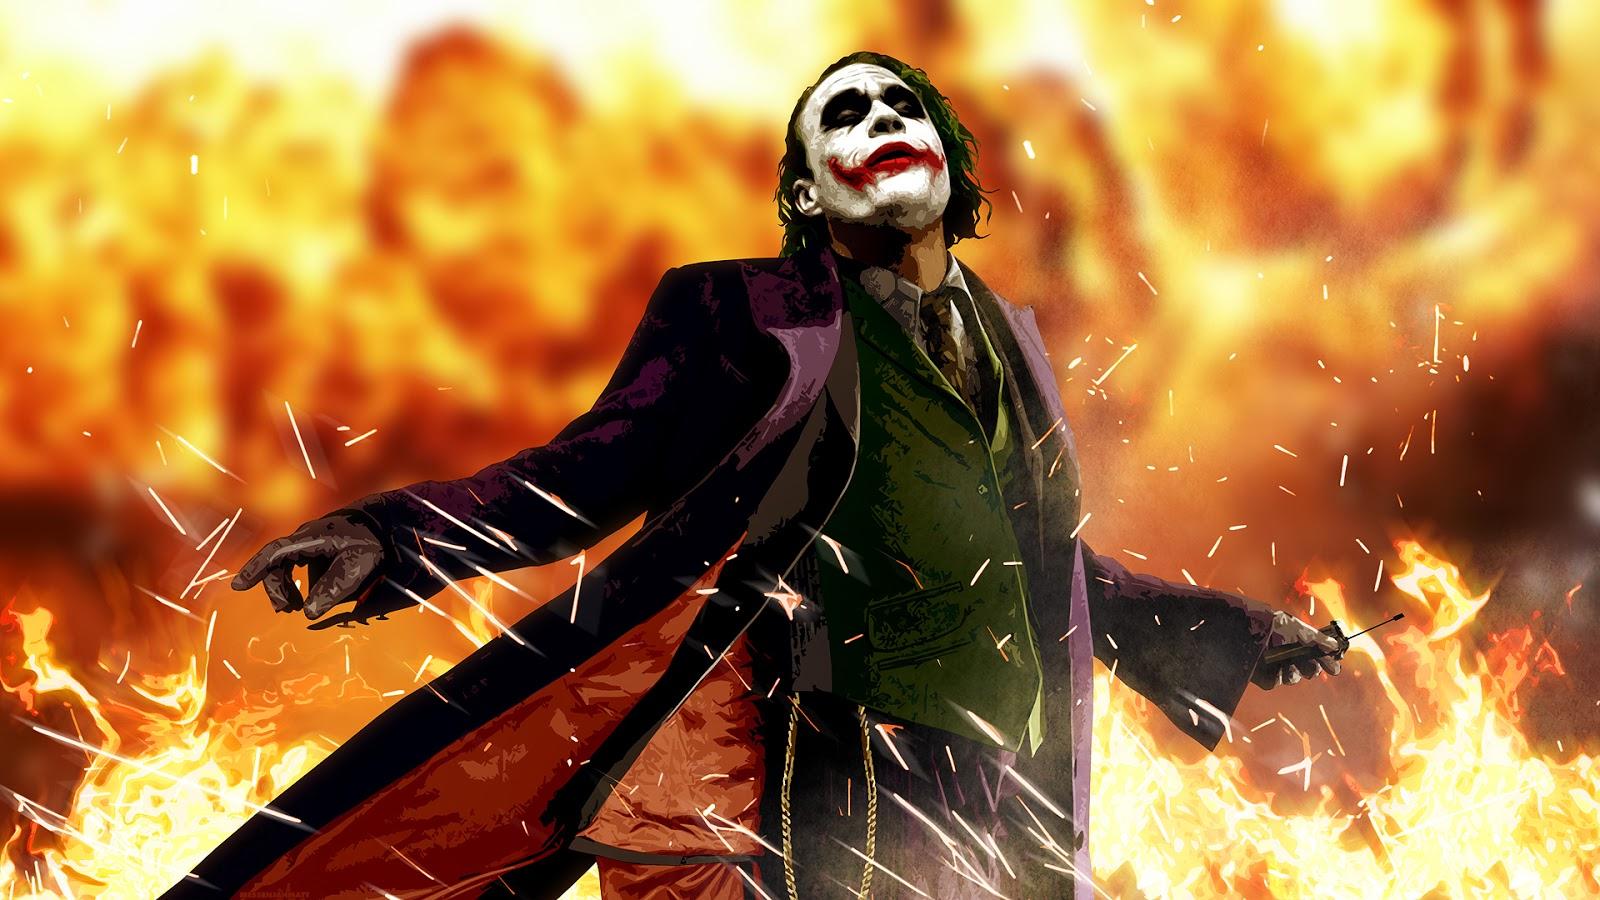 Wallpaper joker hd gratis download your title joker hd joker hd voltagebd Choice Image